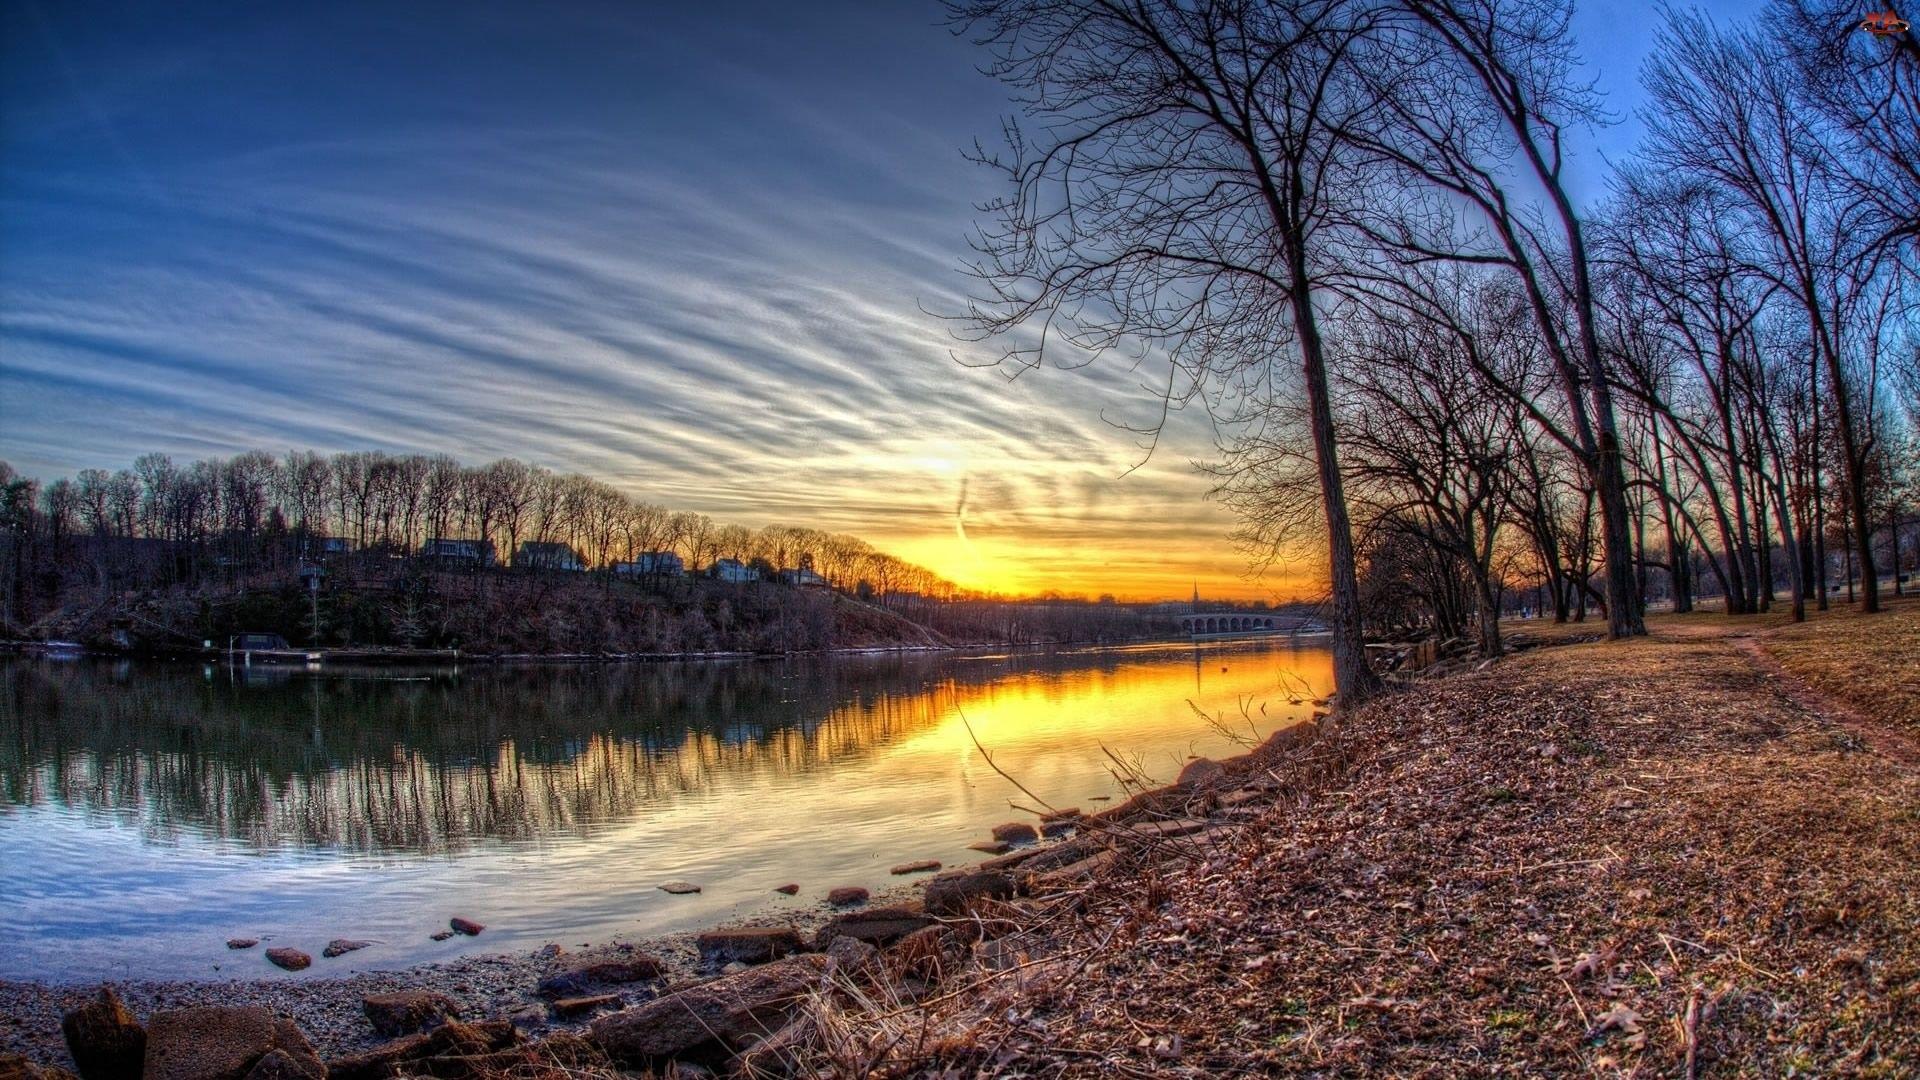 Zachód, Rzeka, Słońca, Drzewa